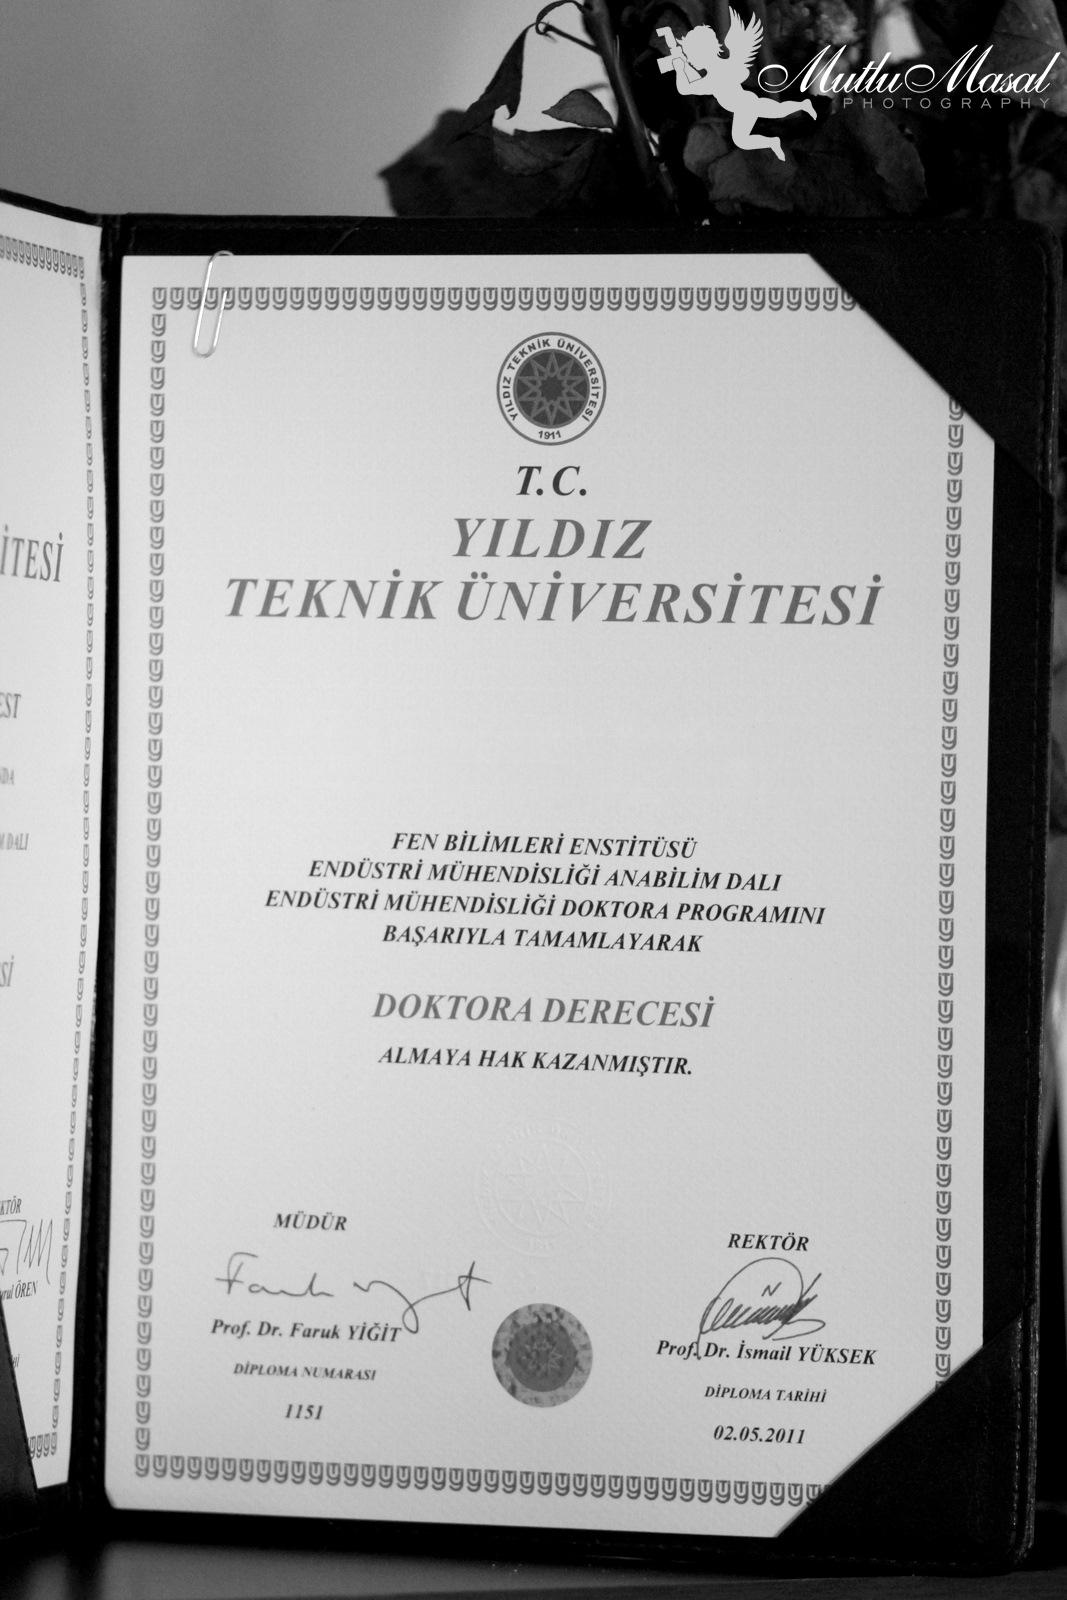 Kendim bir diploma yazmaya değer mi